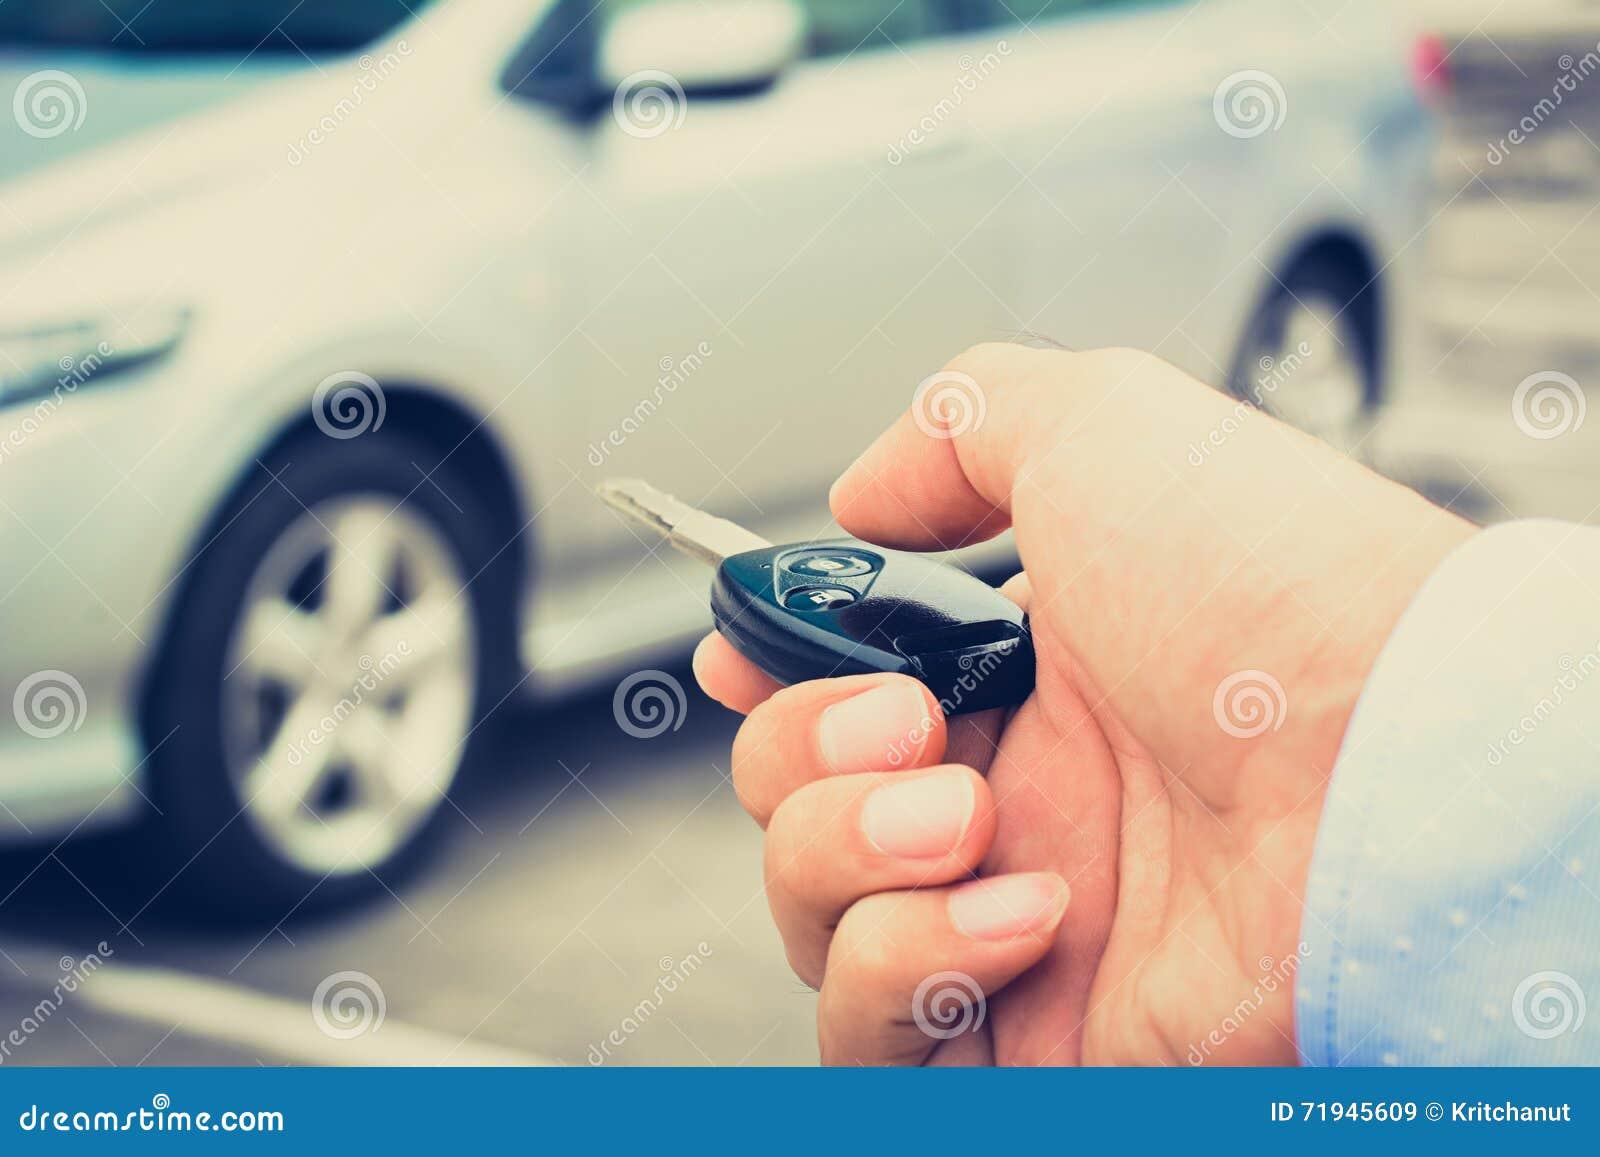 Рука человека около для того чтобы отжать кнопку ключа автомобиля дистанционного управления